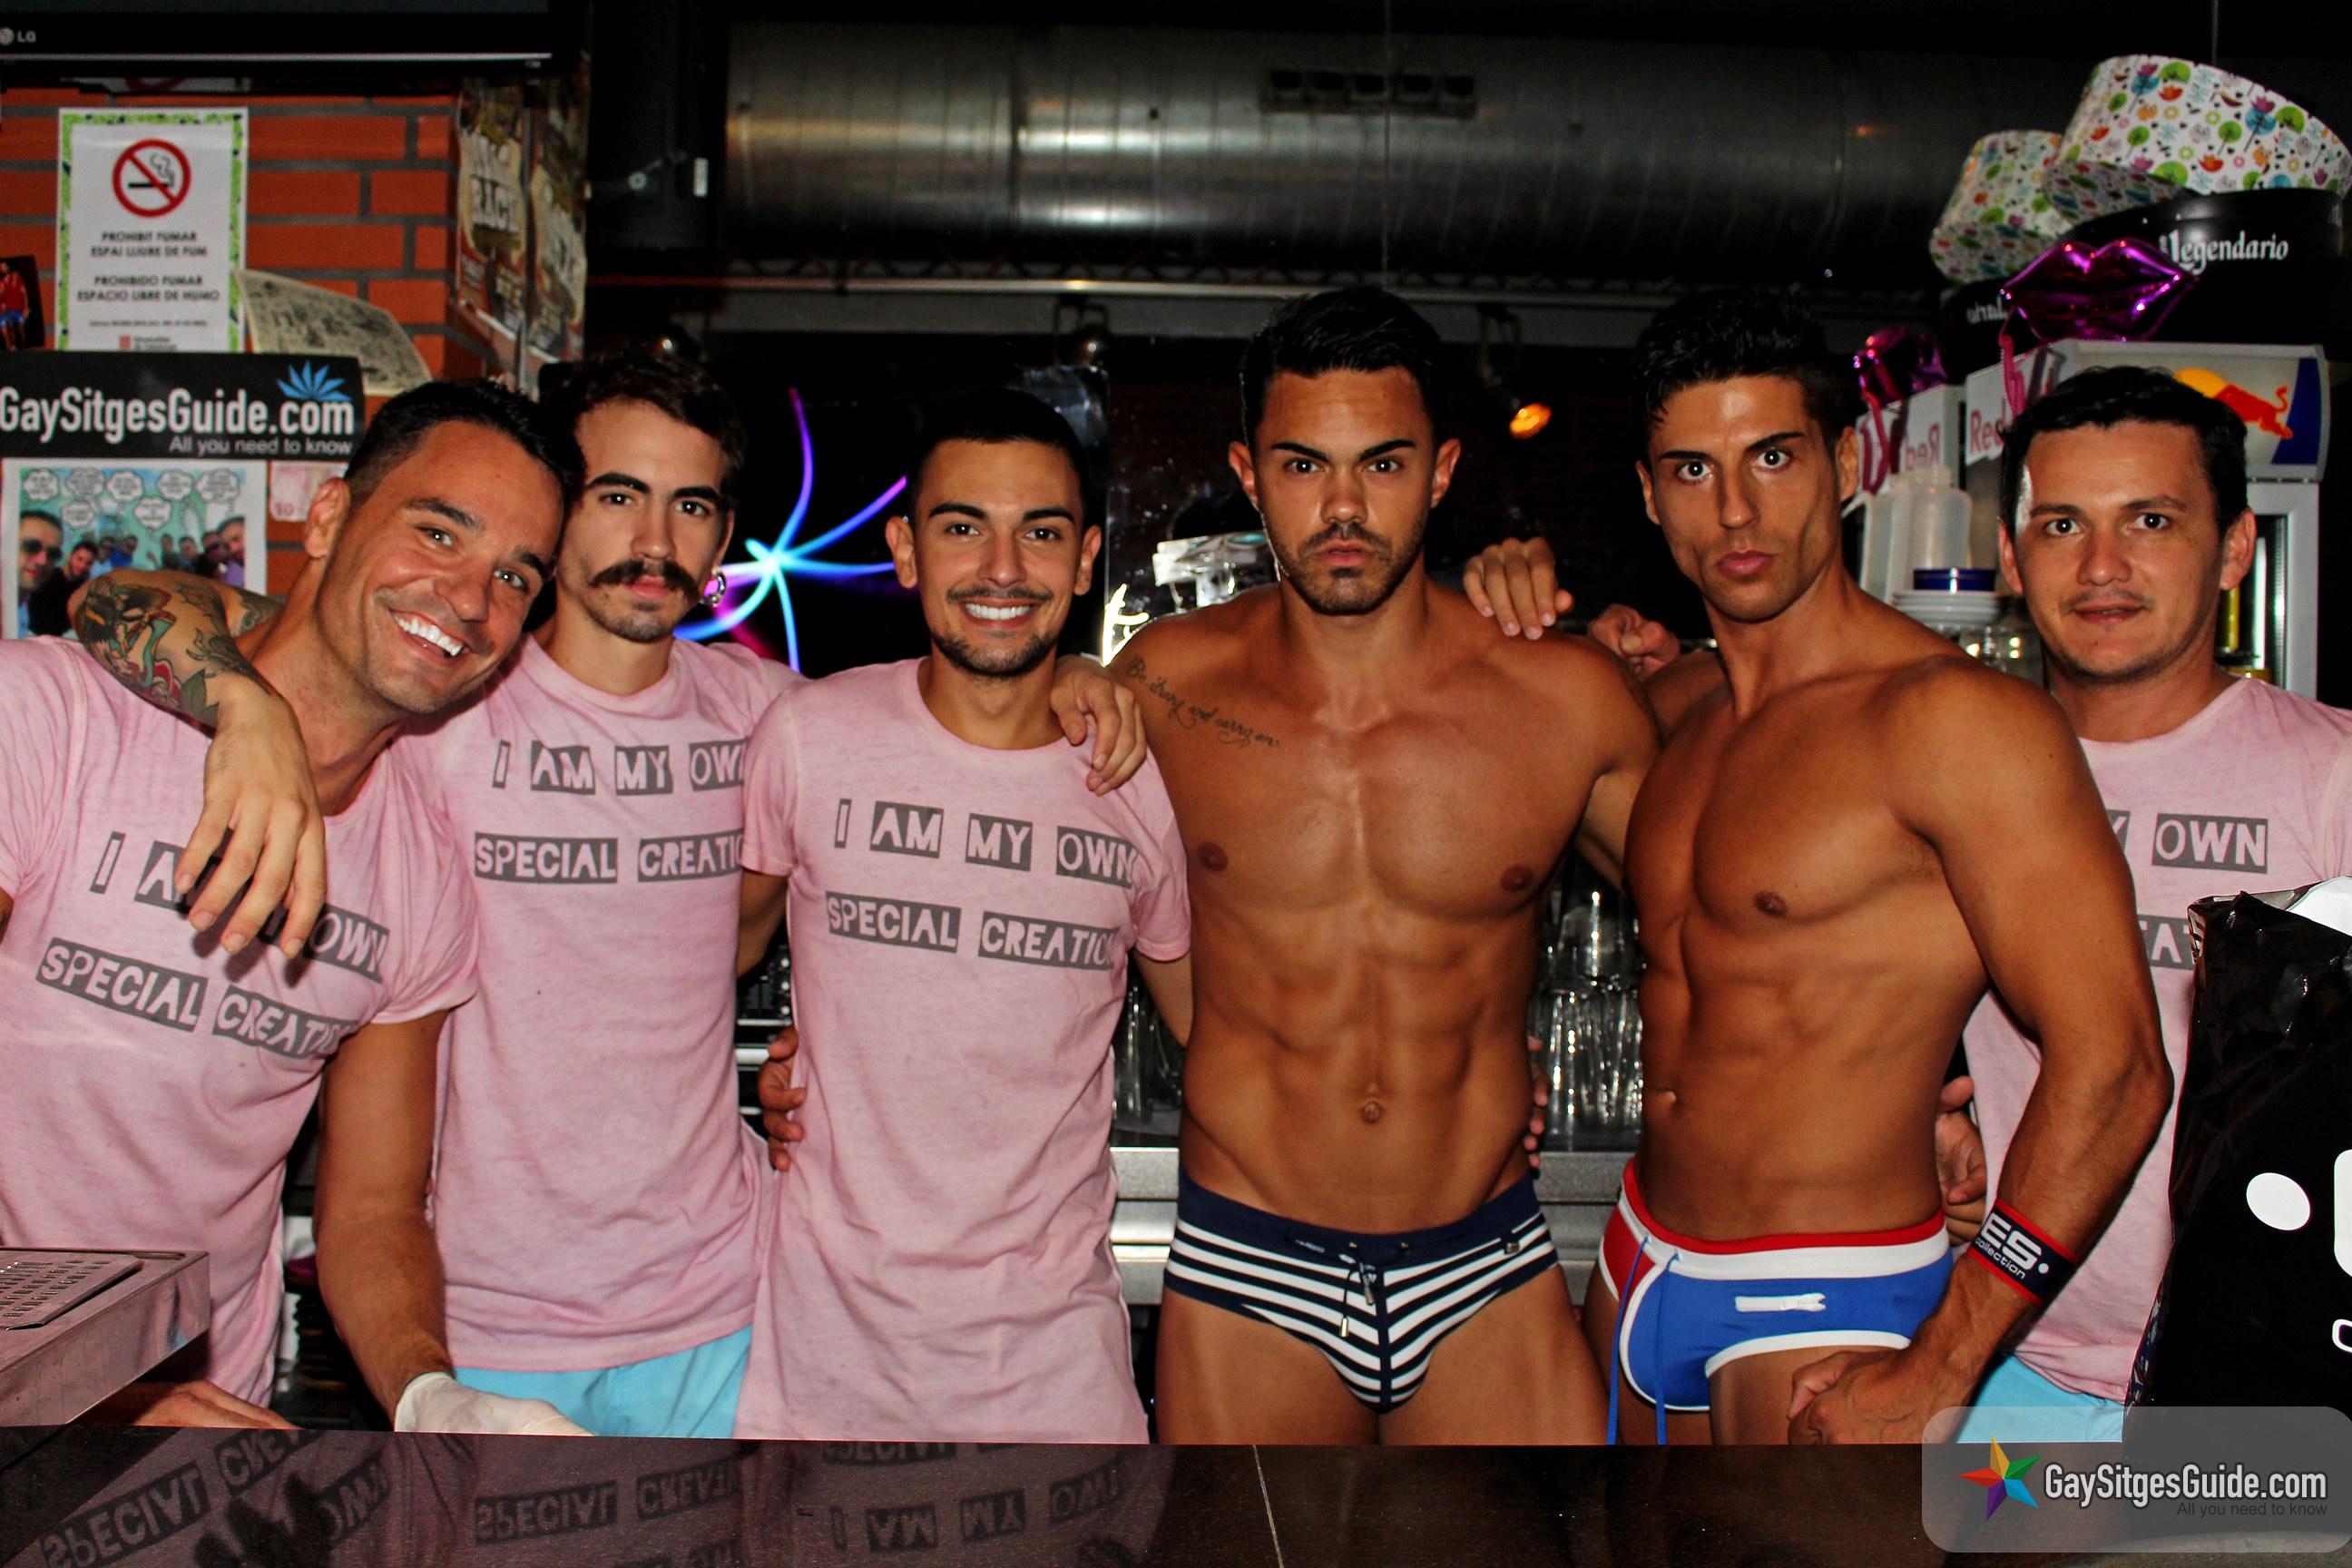 bishkek chat gay room